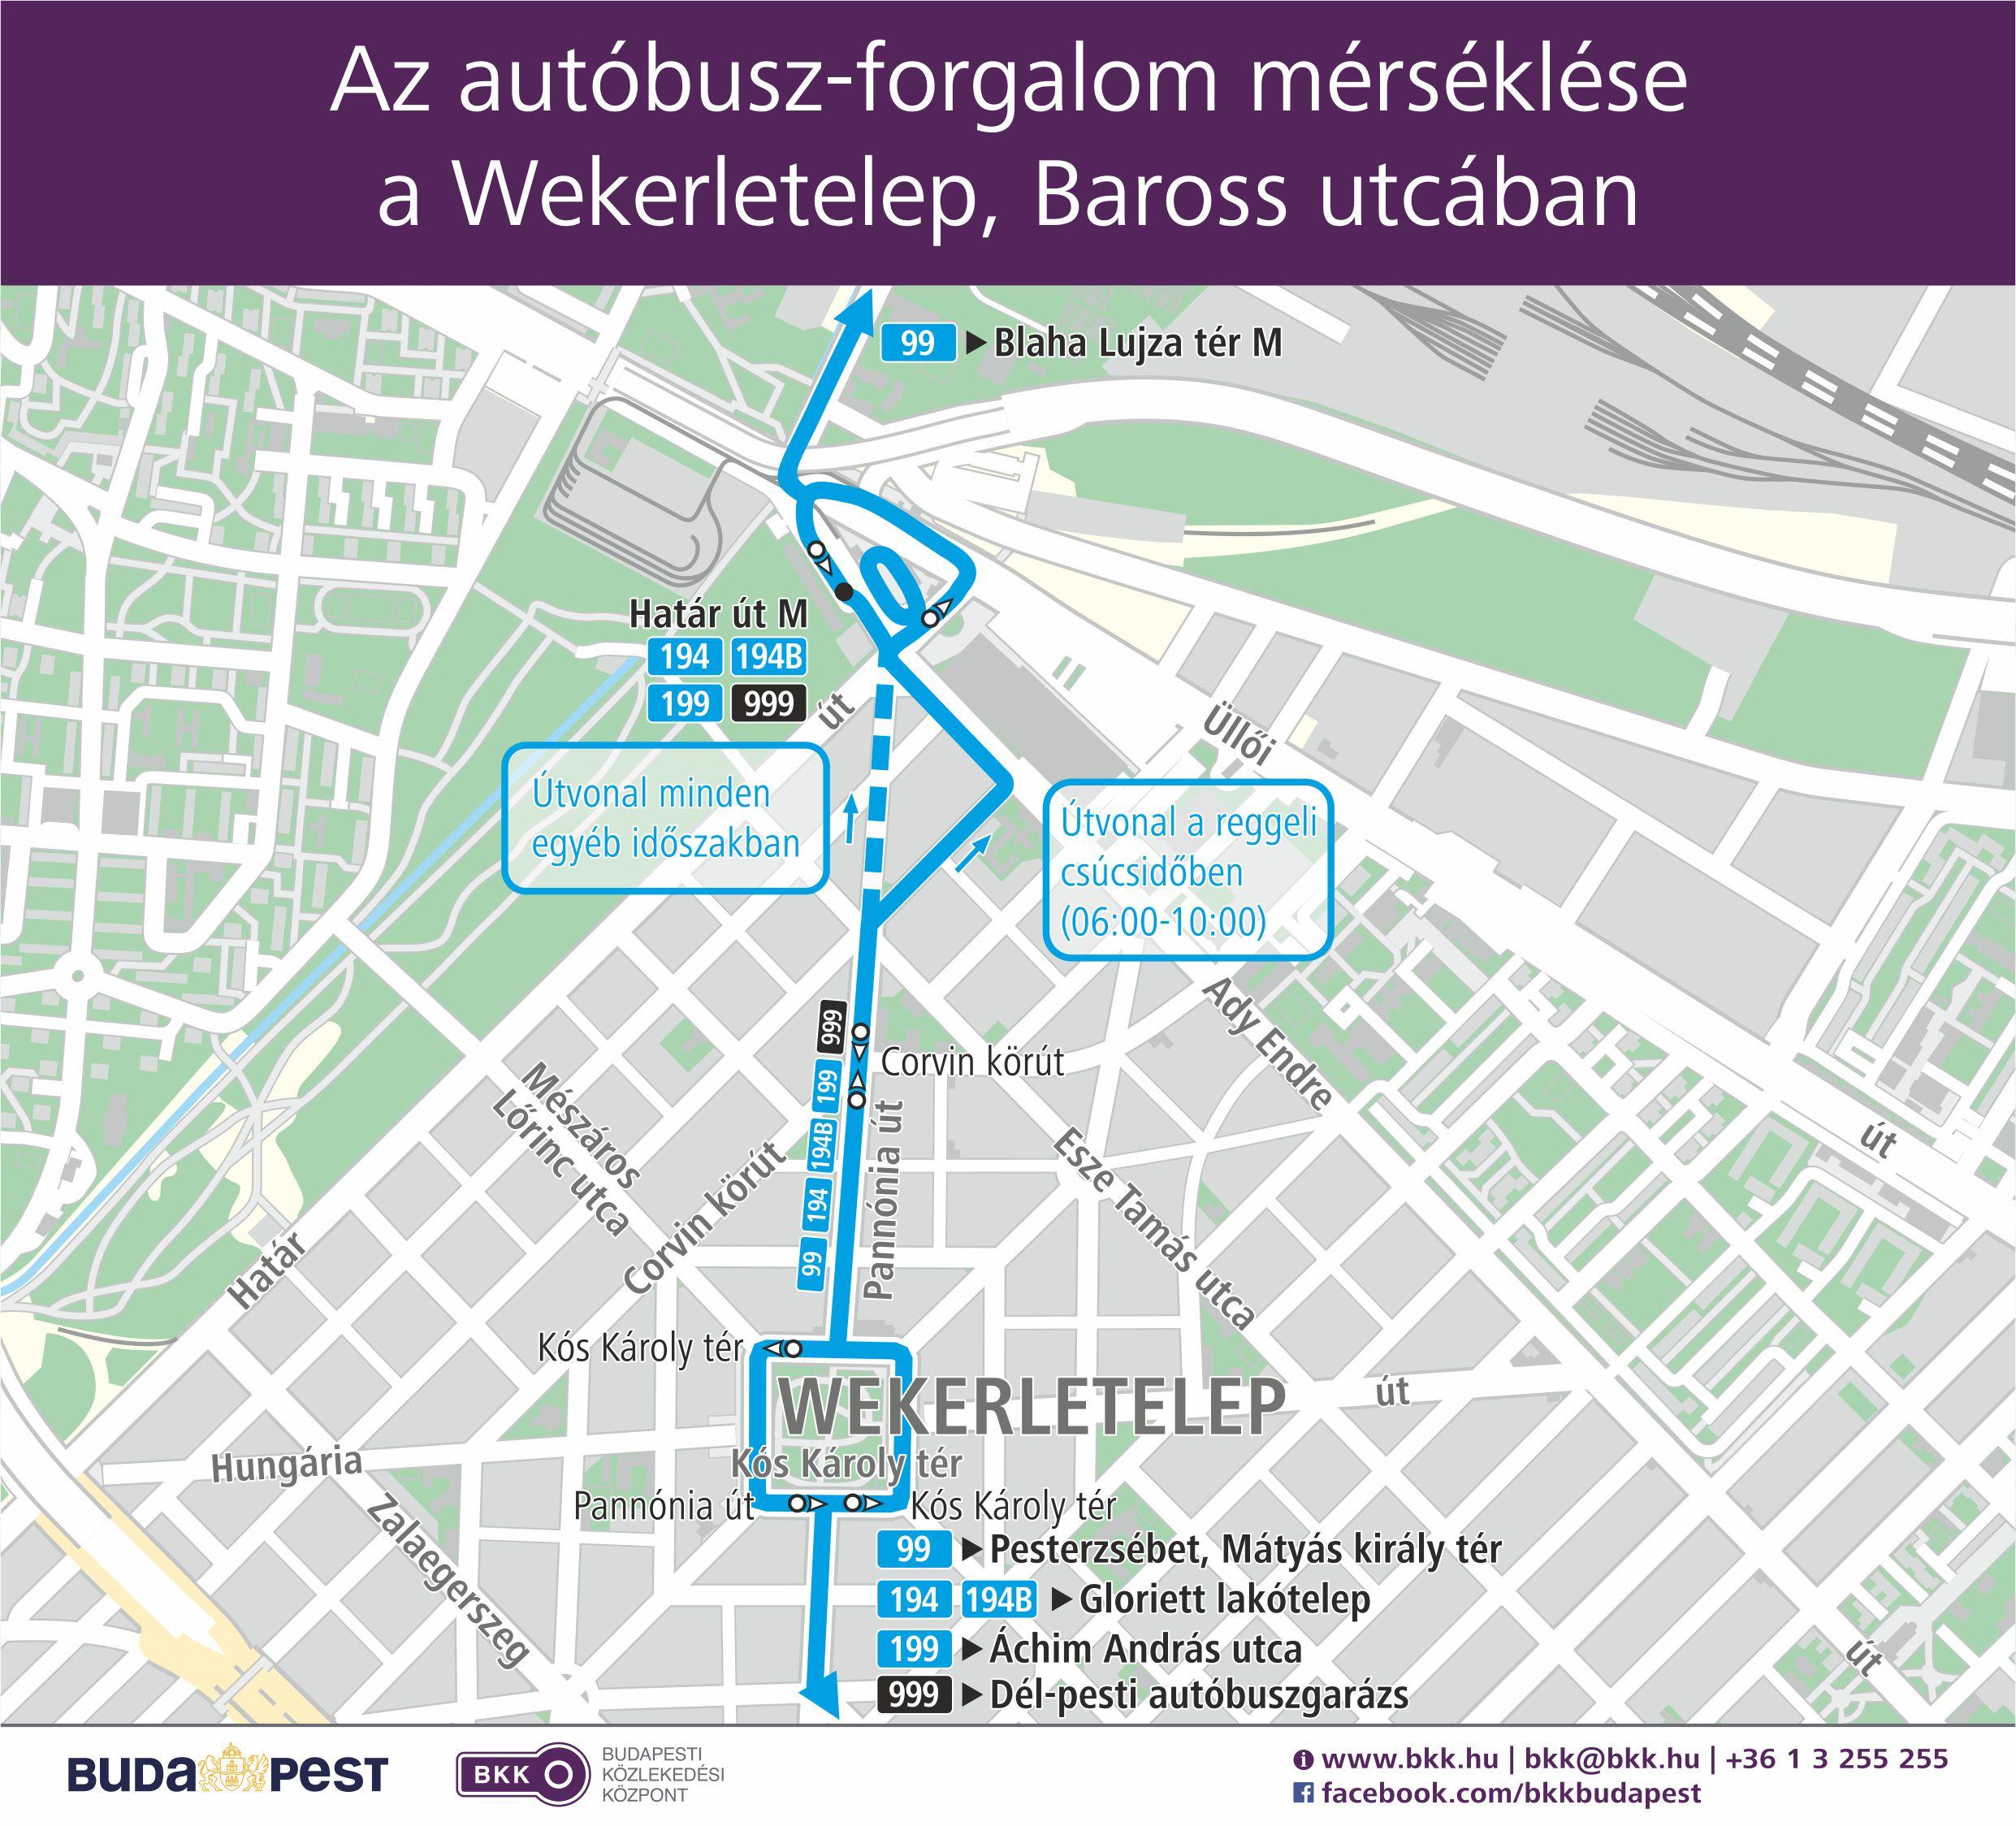 budapest wekerle telep térkép Előzetes Tájékoztató (Wekerletelep)   Budapesti Közlekedési  budapest wekerle telep térkép